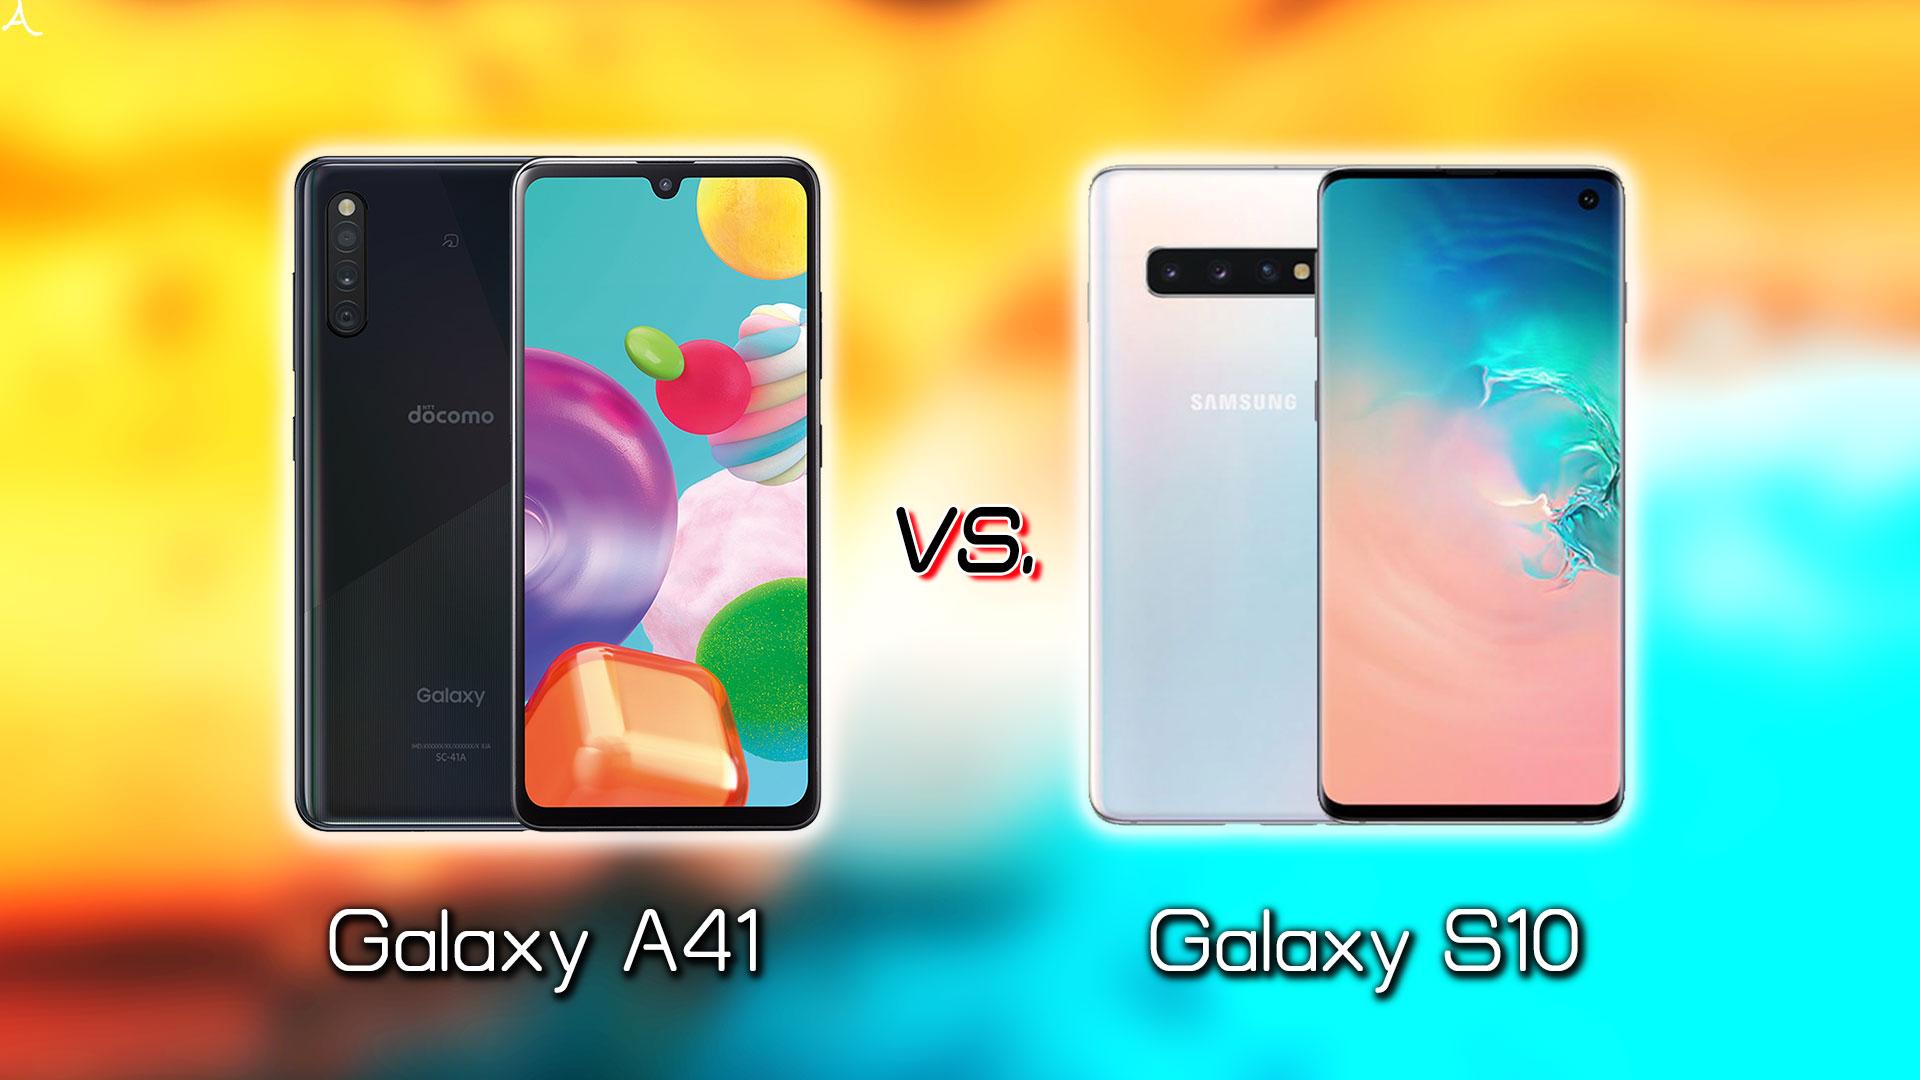 「Galaxy A41」と「Galaxy S10」の違いを比較:どっちを買う?